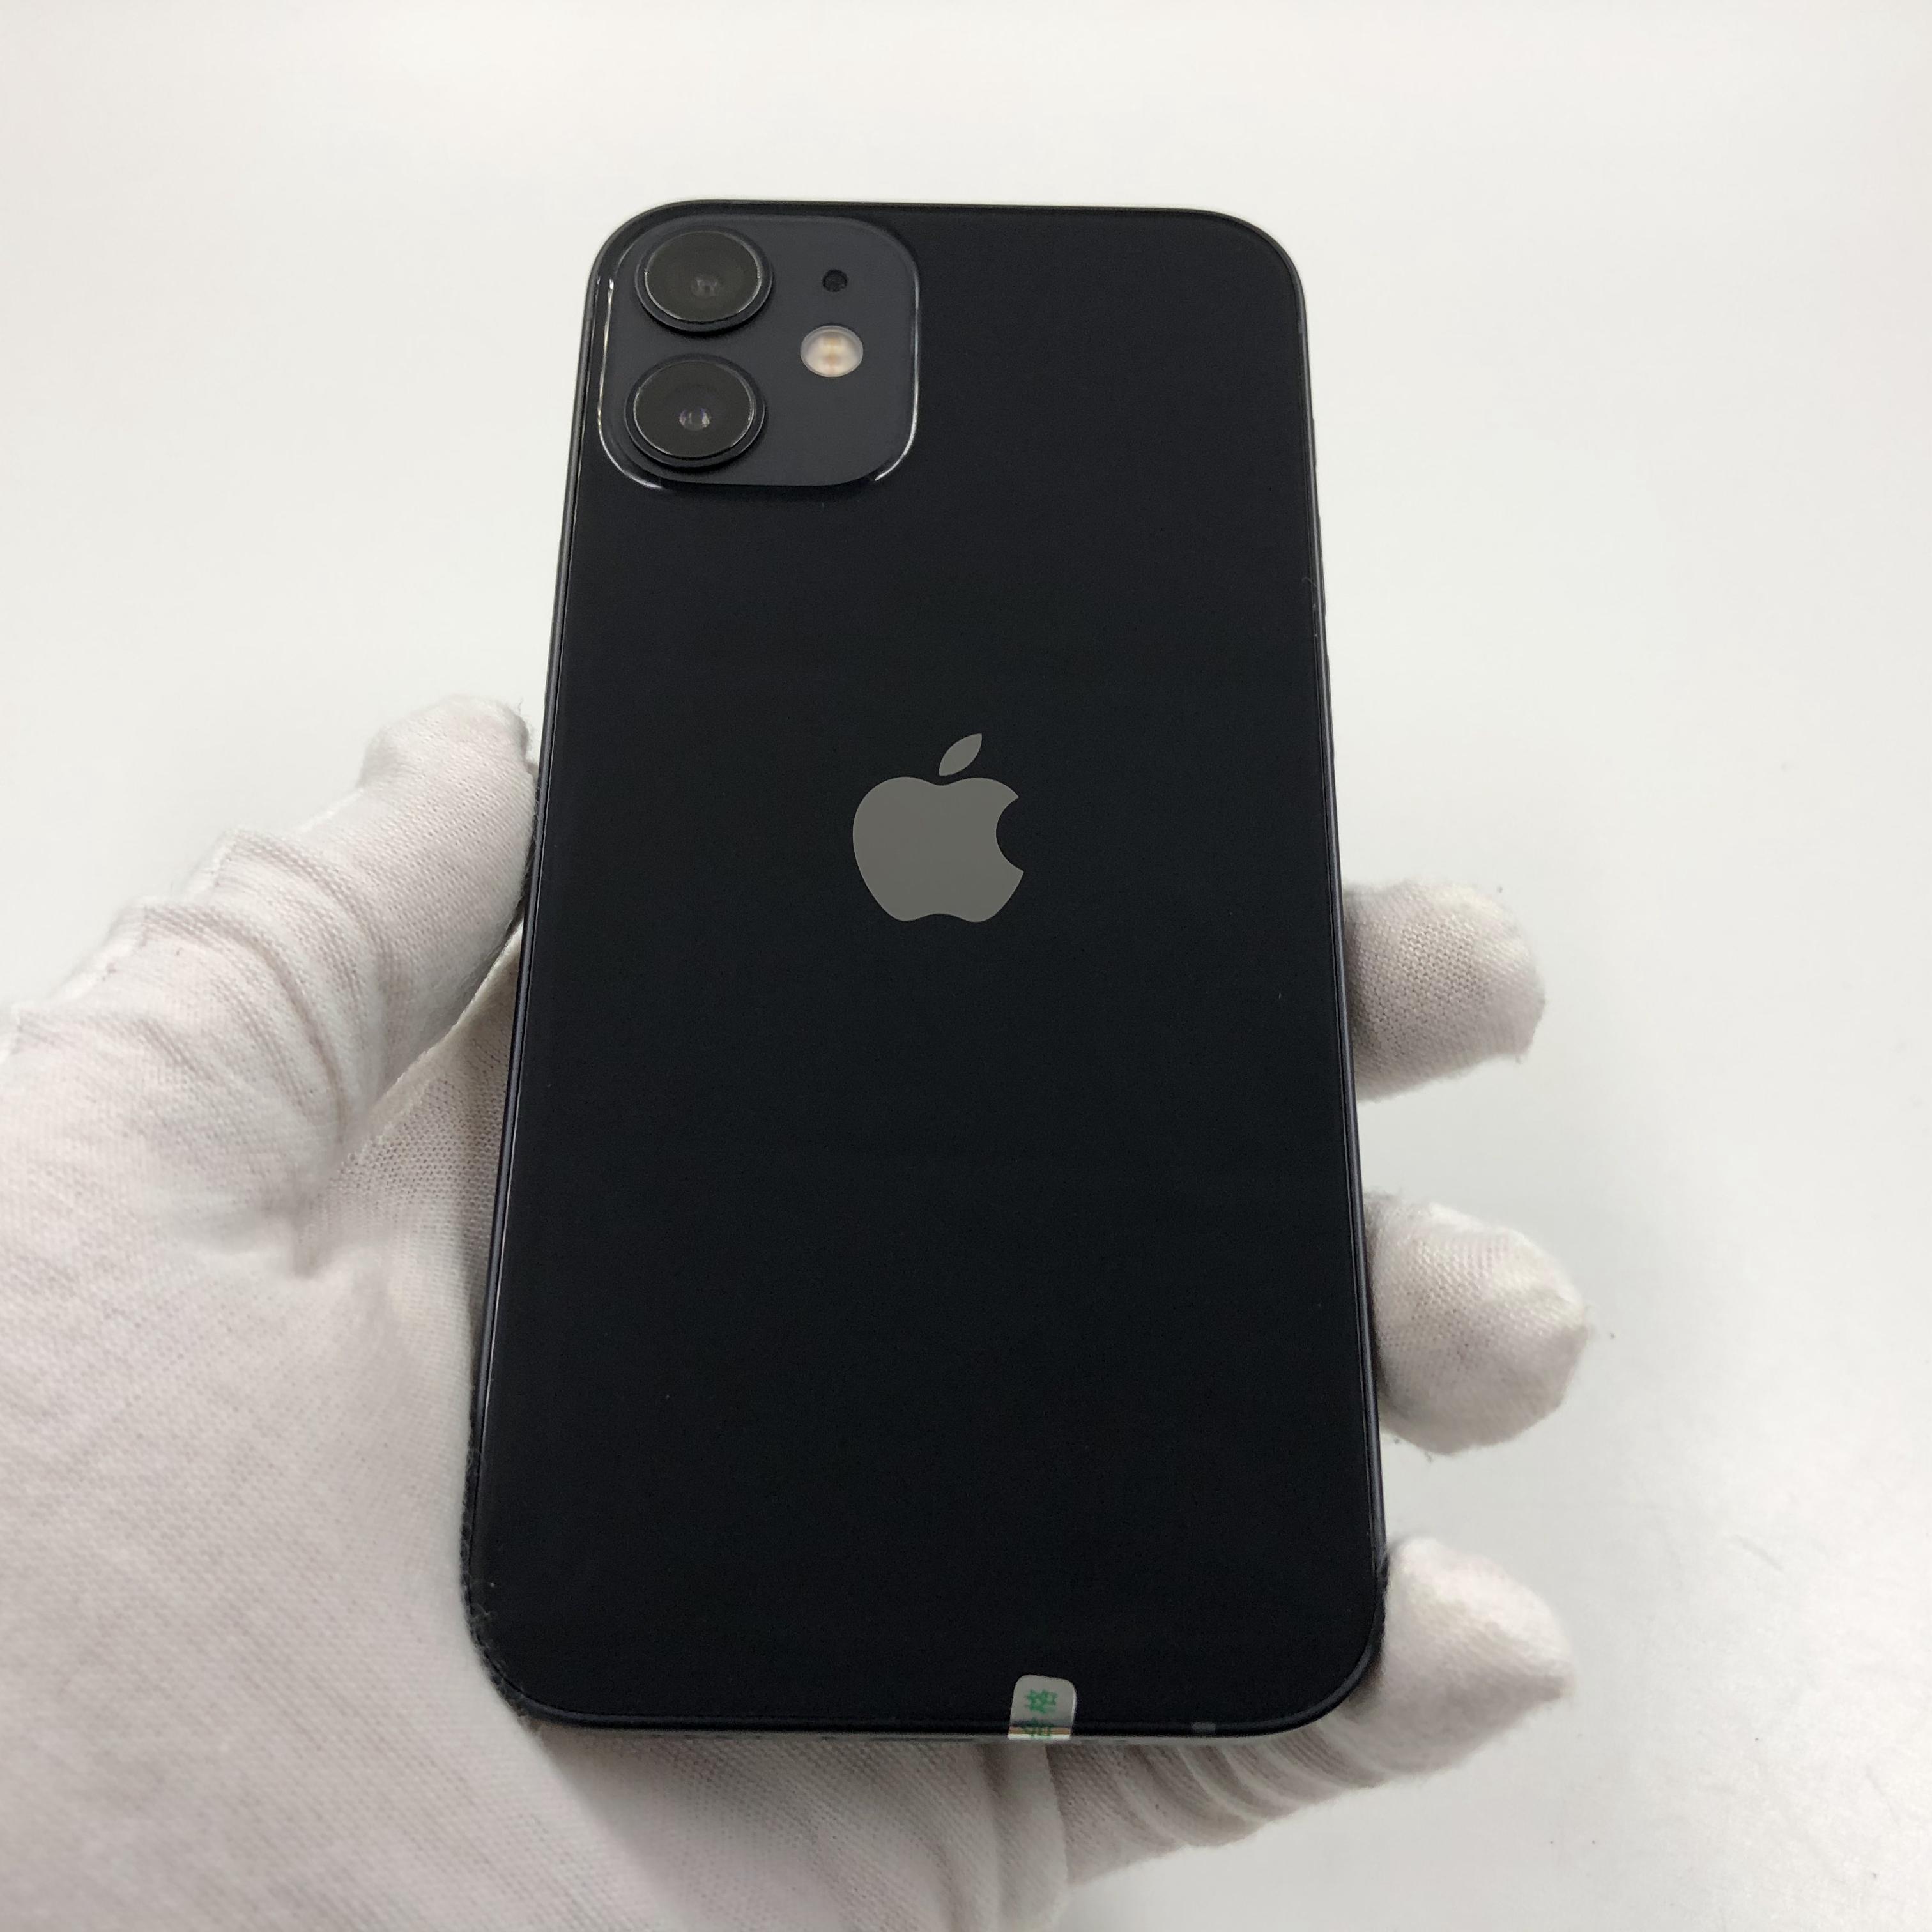 苹果【iPhone 12 mini】5G全网通 黑色 128G 国行 95新 真机实拍官保2021-11-13